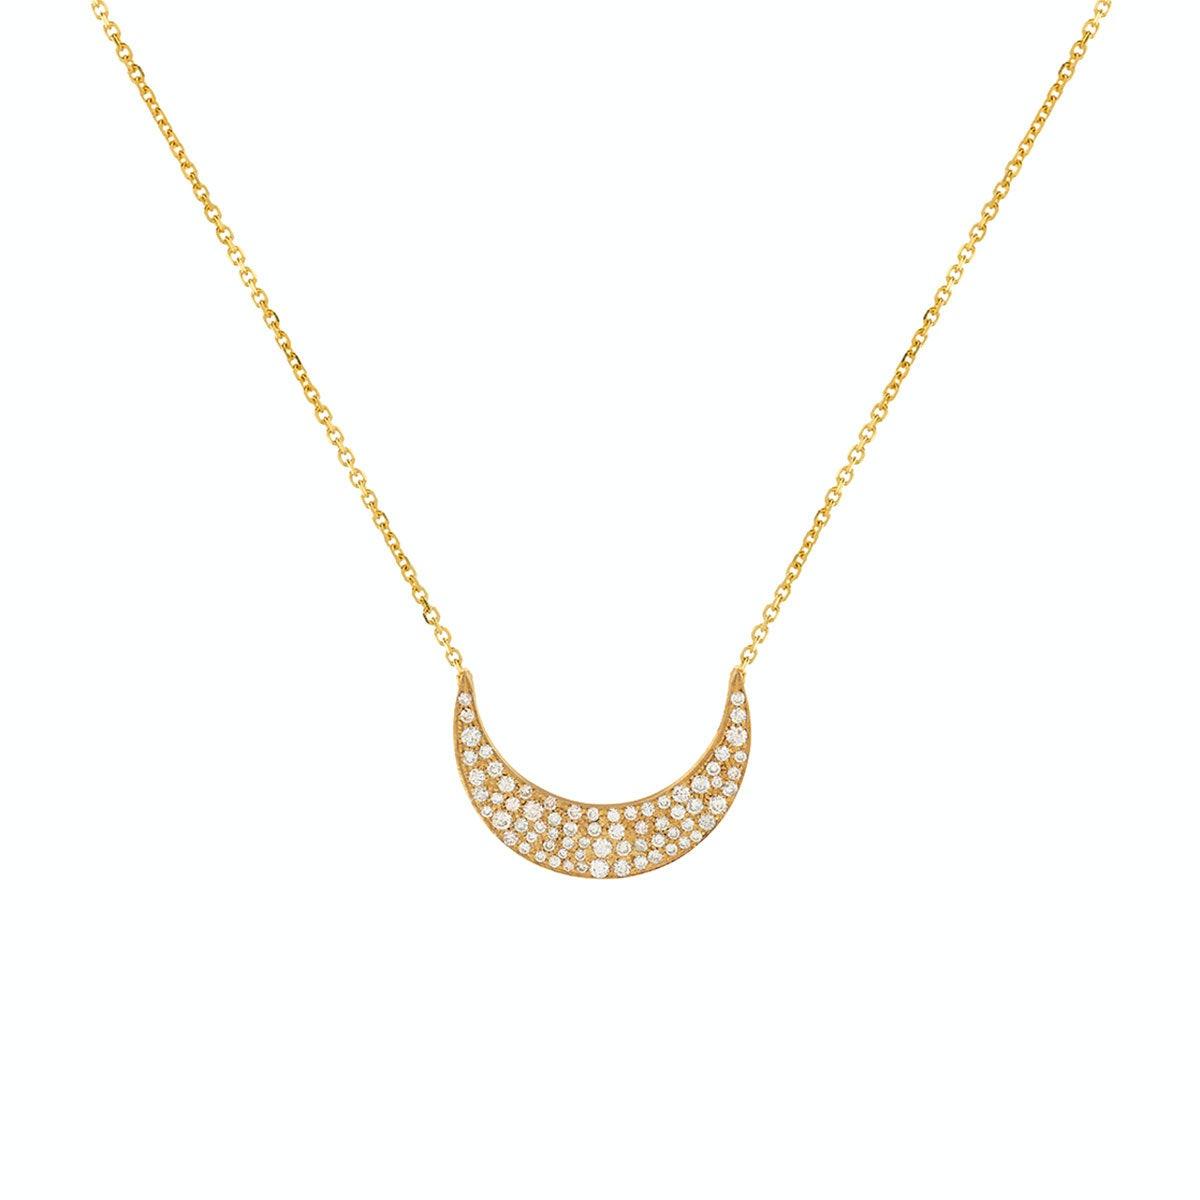 Noor Fares necklace